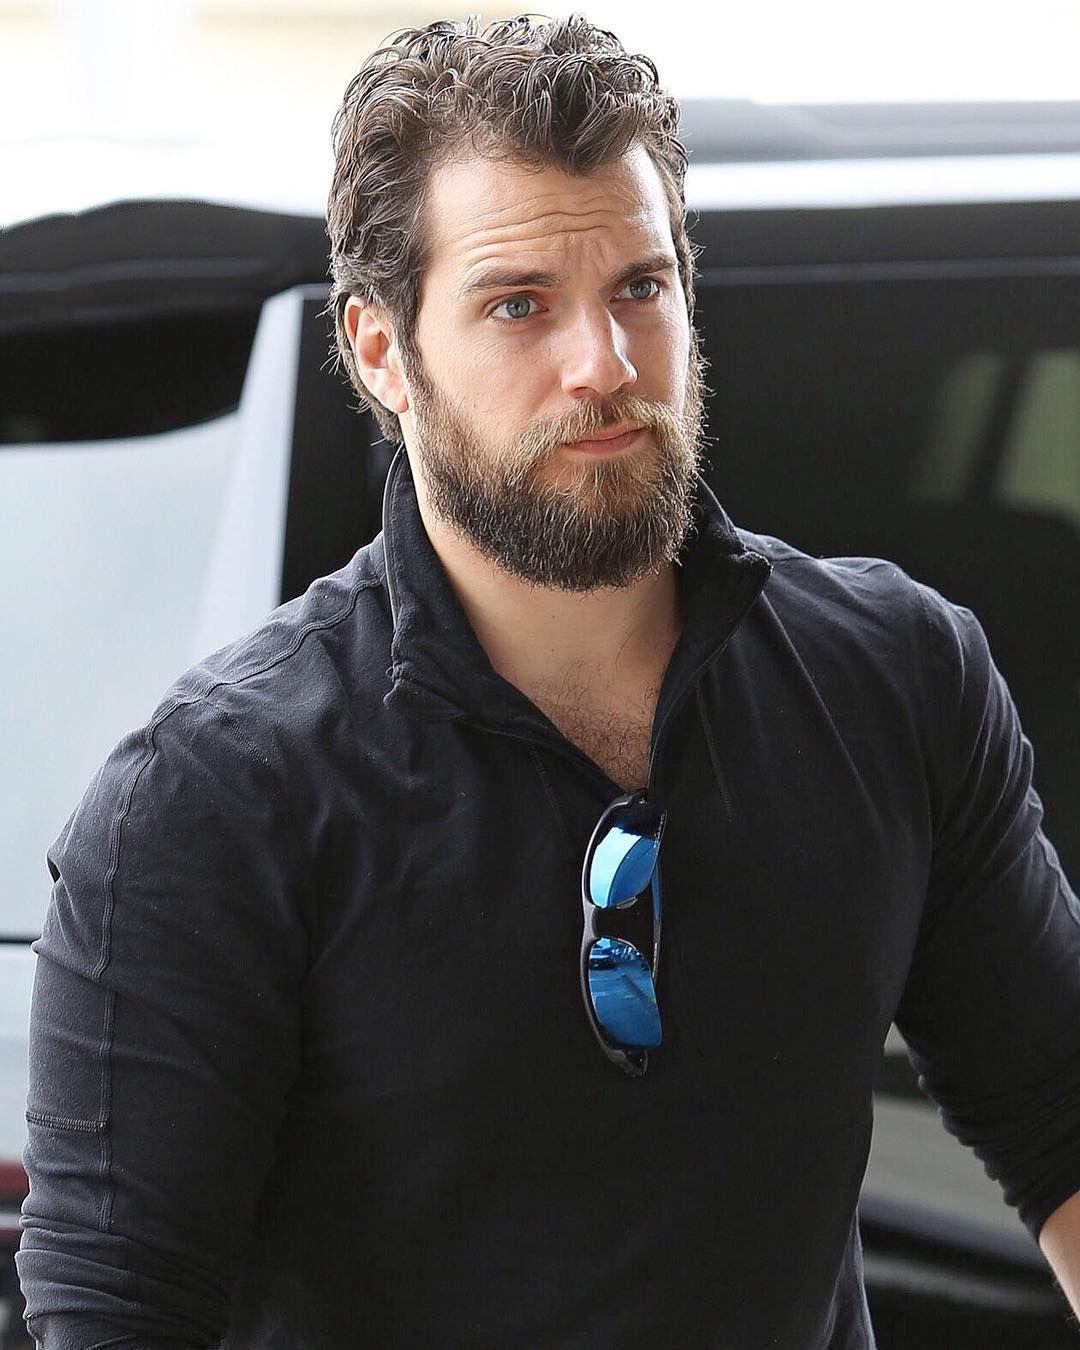 посещение фото человека из стали с бородой таким диагнозом больше